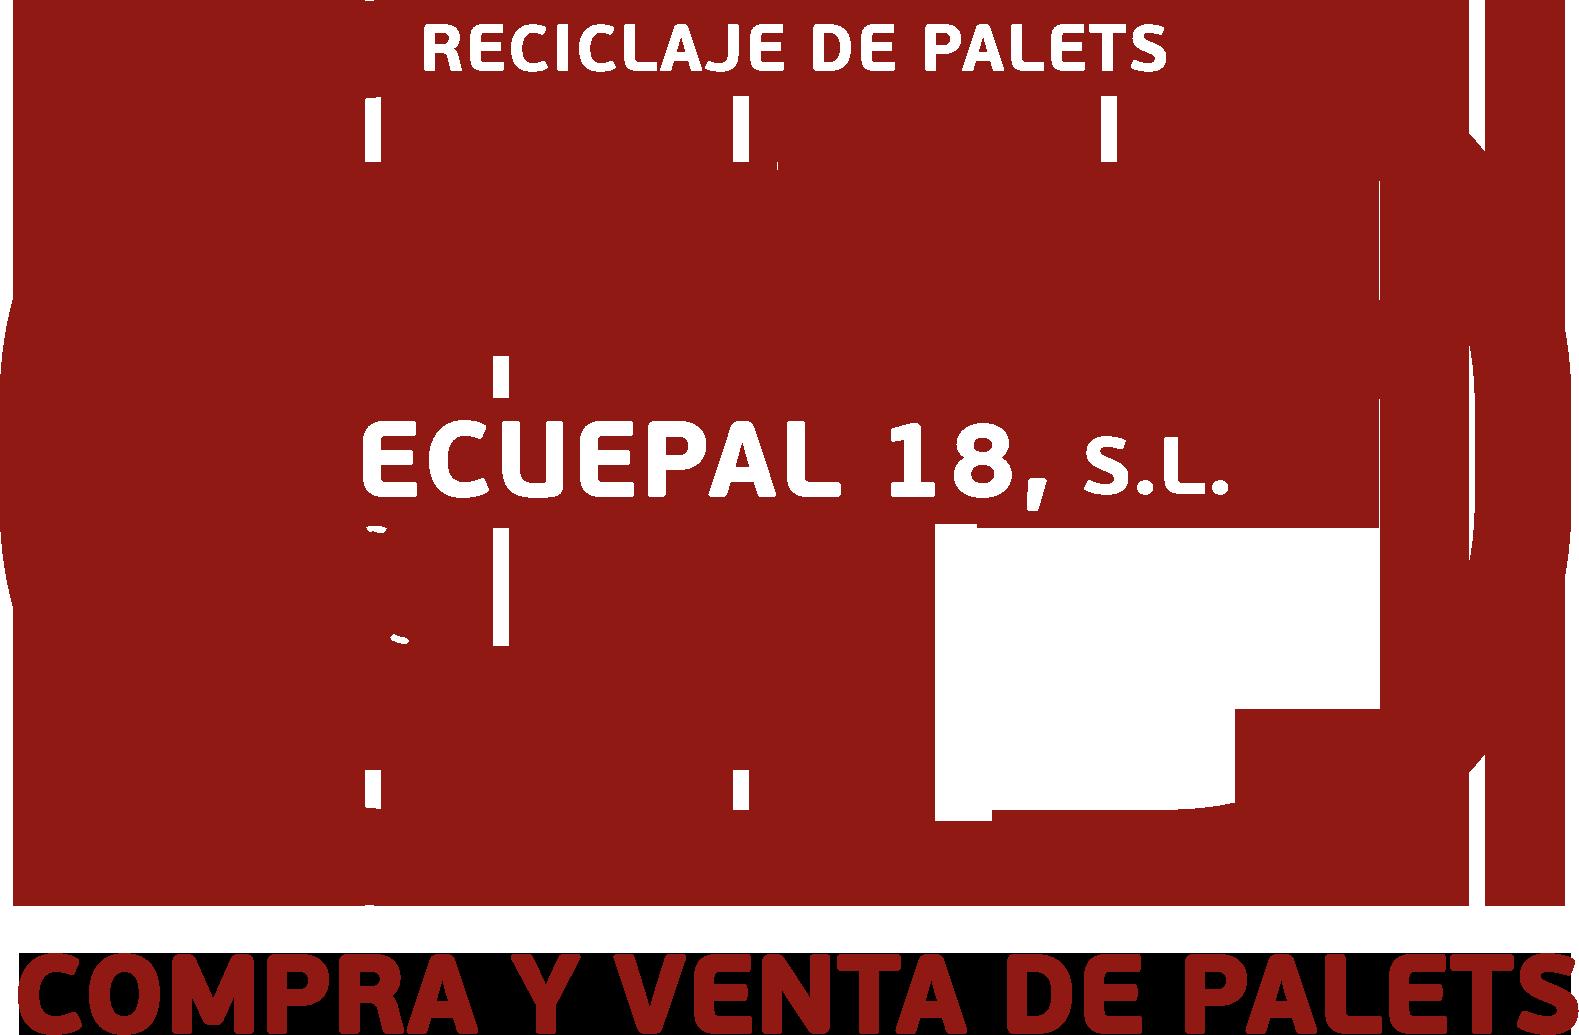 Ecuepal SL, Reciclaje y Compra venta de palets en Valencia